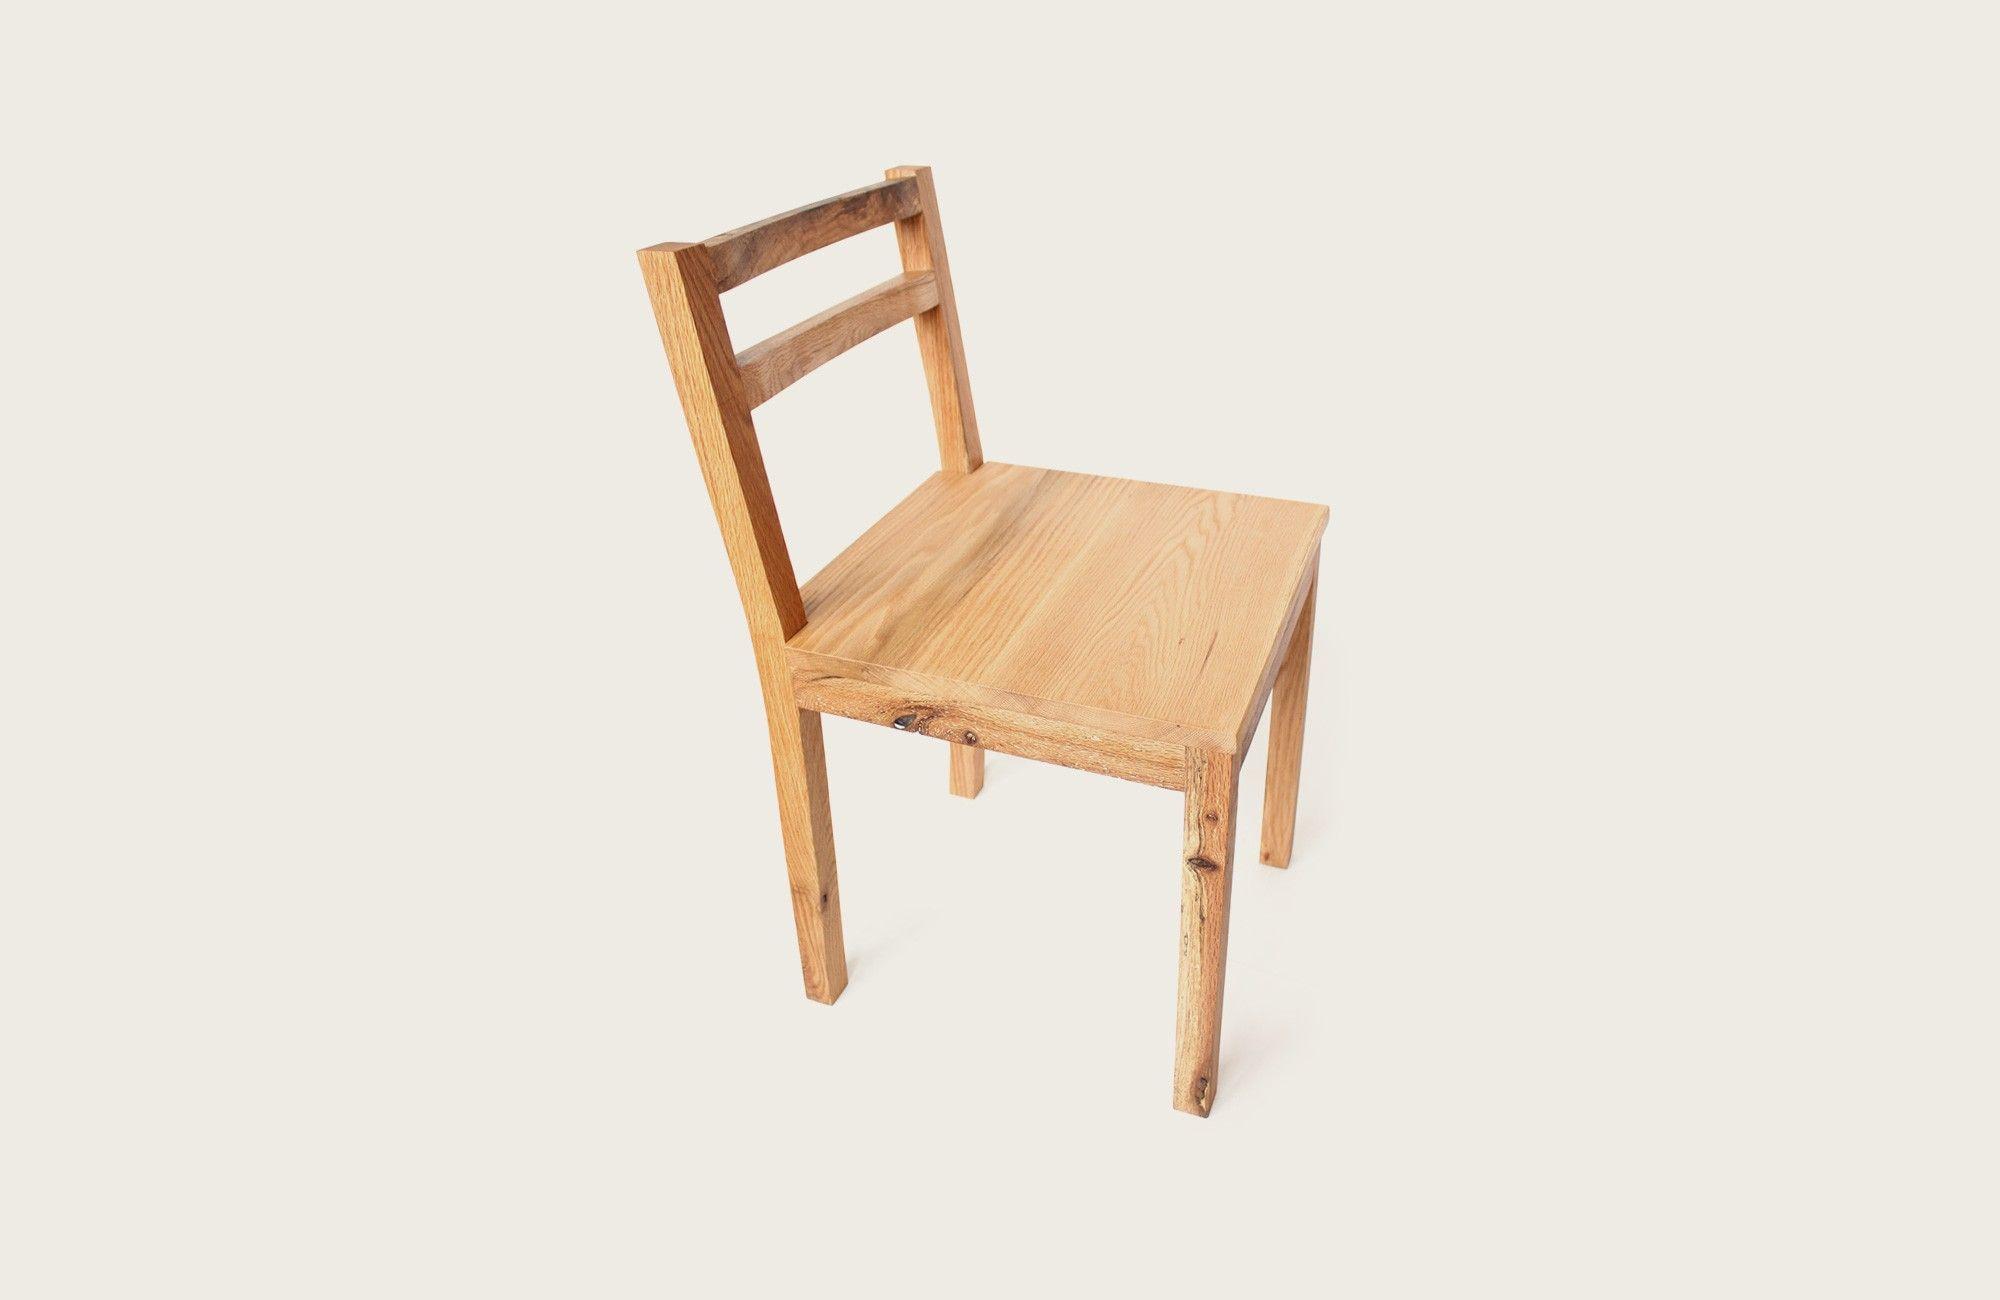 Beran Table U0026 Index Chair U2014 Shigouri U2014 Woodworking U0026 Custom Furniture U2014  Denver, Colorado